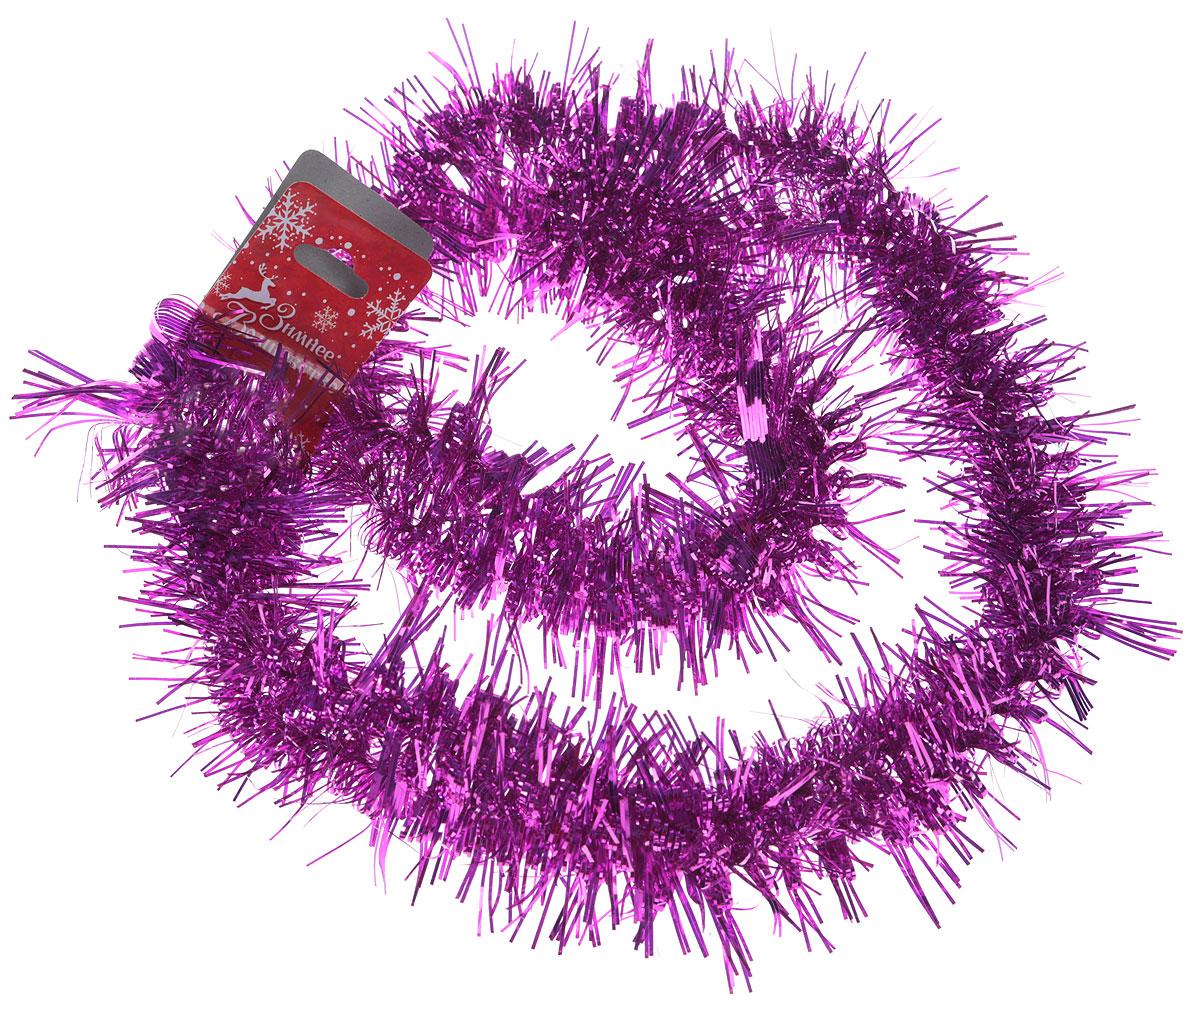 Мишура новогодняя Sima-land, цвет: малиновый, диаметр 5 см, длина 2 м. 702626 подставка под горячее sima land звездочка нашей кухни диаметр 11 5 см